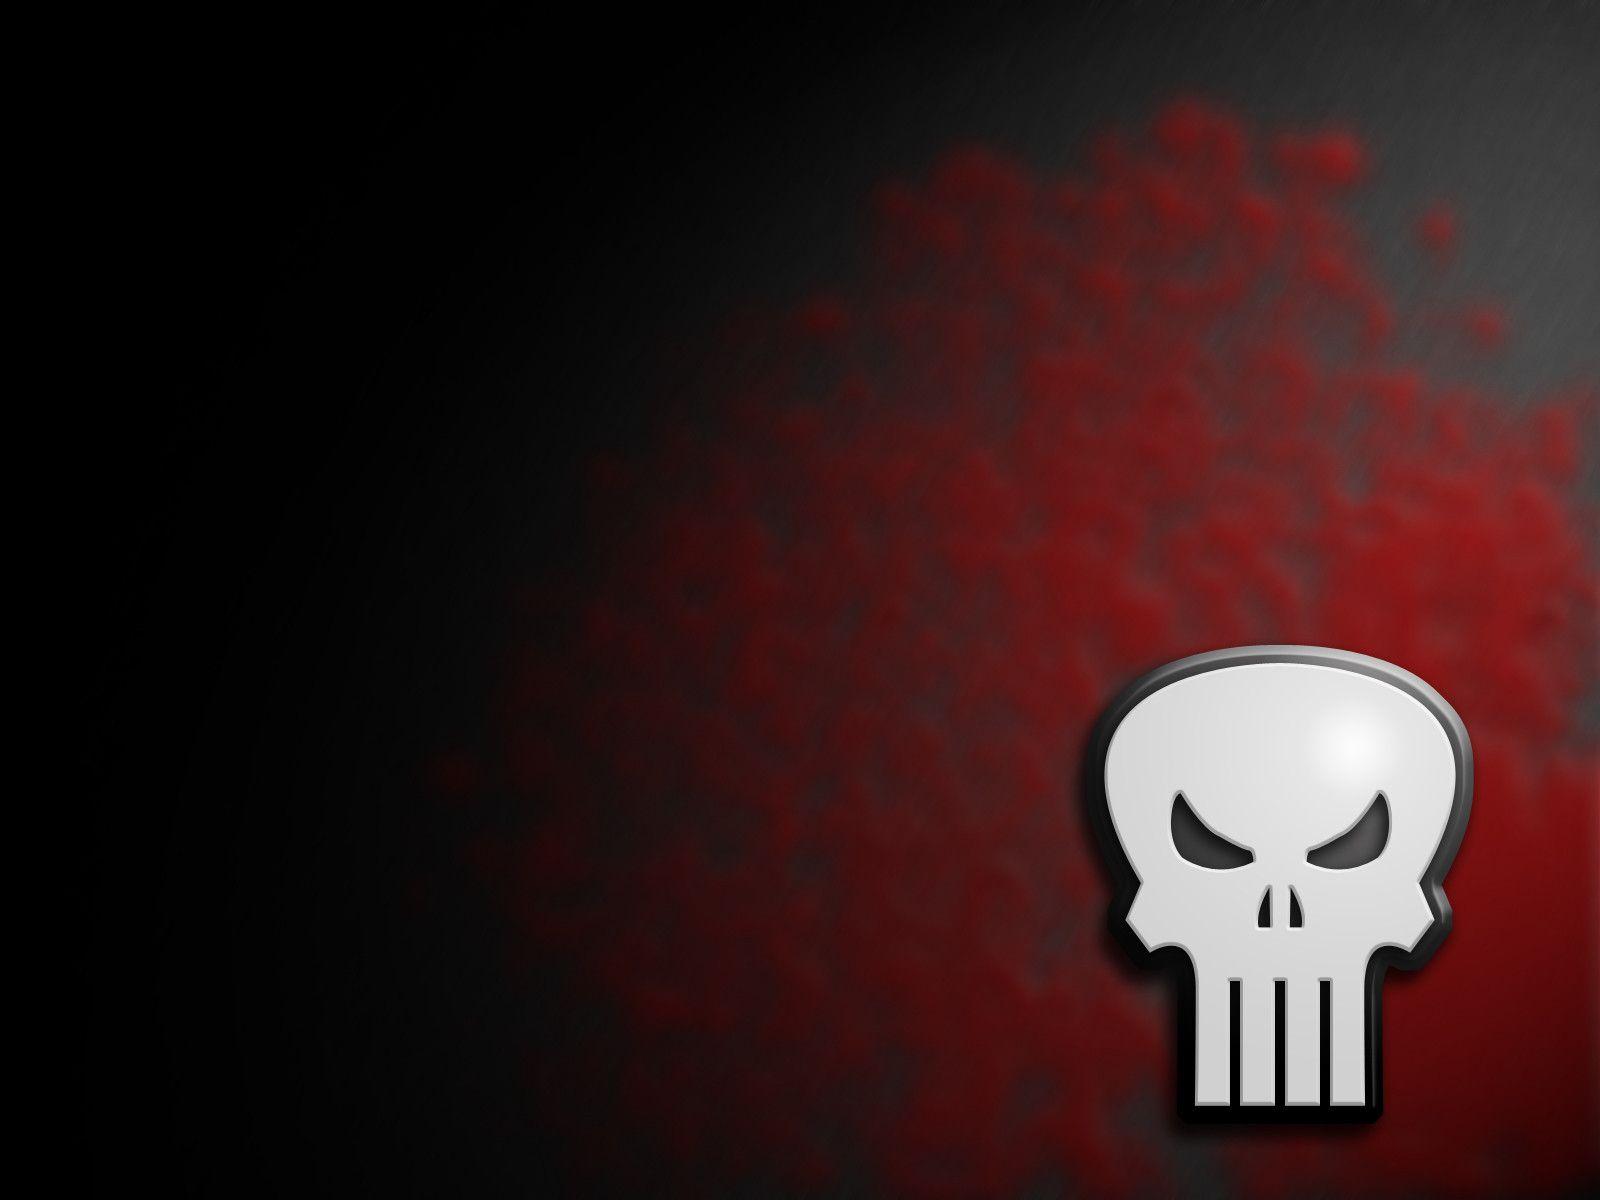 Punisher Wallpaper 1080p Wallpapersafari